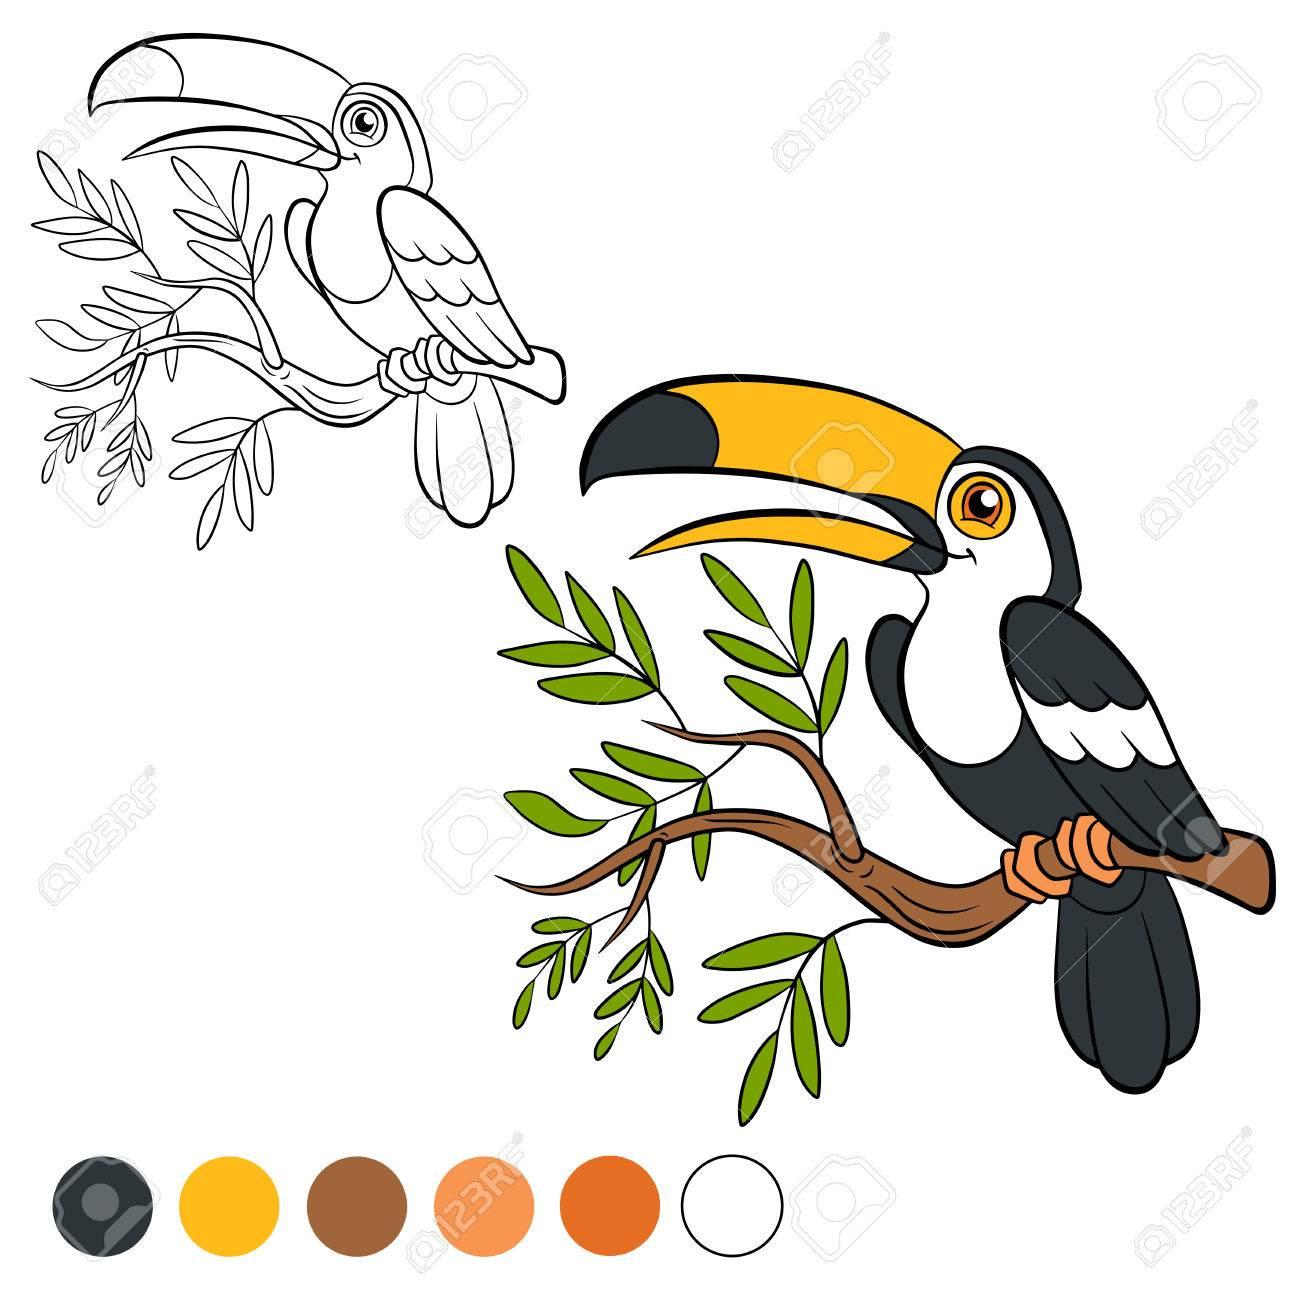 Dibujo Para Colorear Color Me Tucán Poco Tucán Lindo Se Sienta En La Rama De Un árbol Y Sonríe